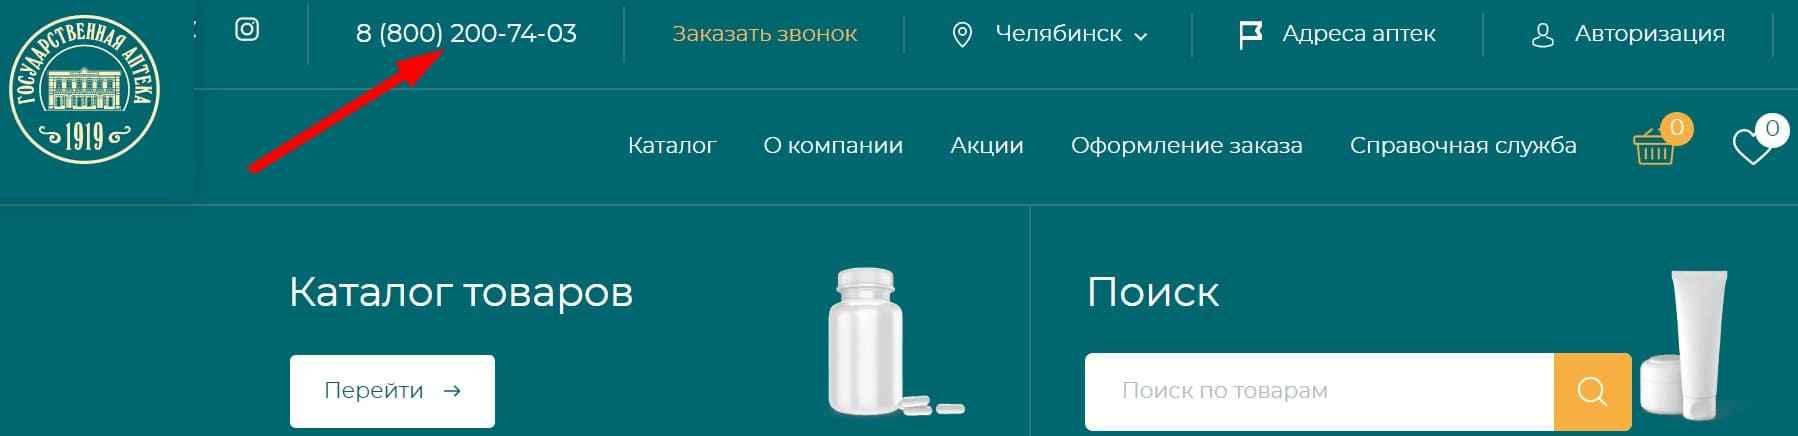 ЛК Аптека 74 Ру